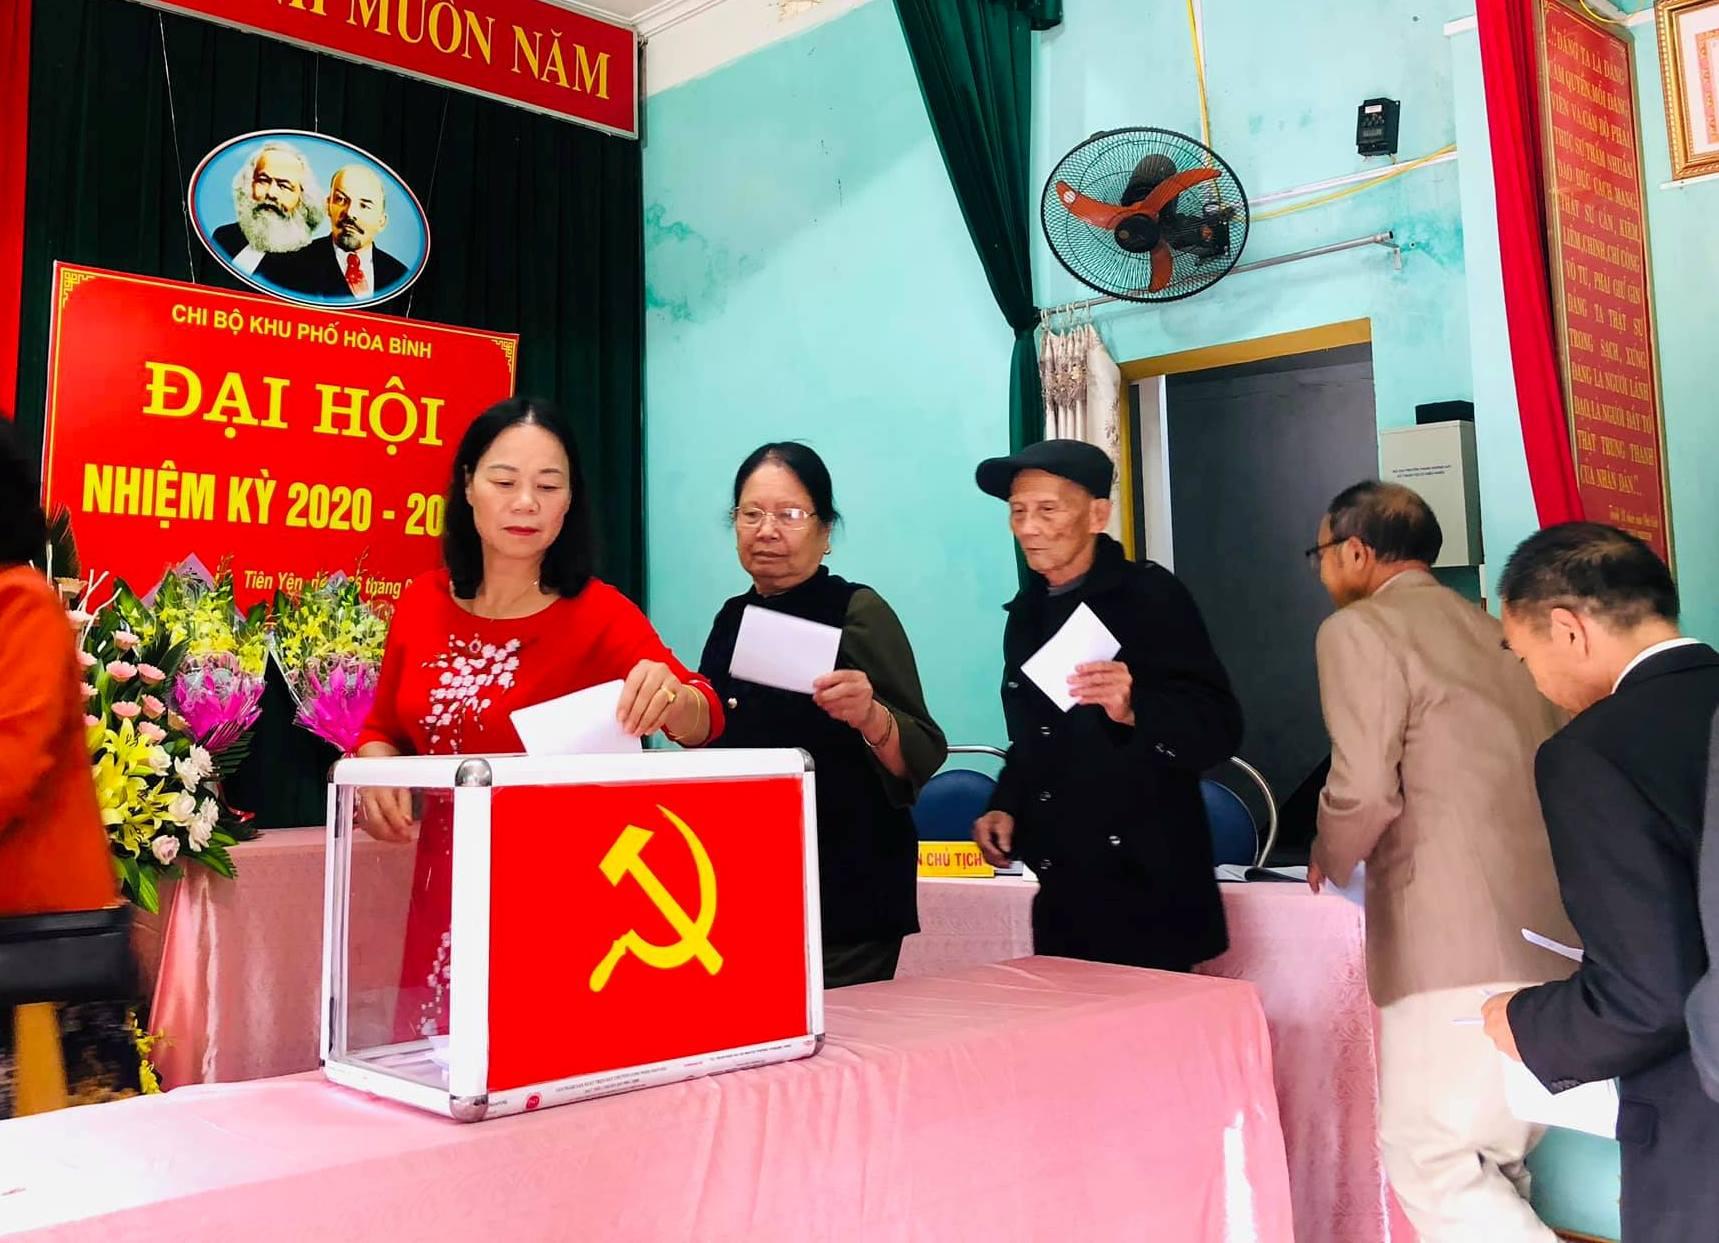 Quảng Ninh bắt đầu đại hội điểm, gắn bí thư chi bộ đồng thời là trưởng thôn